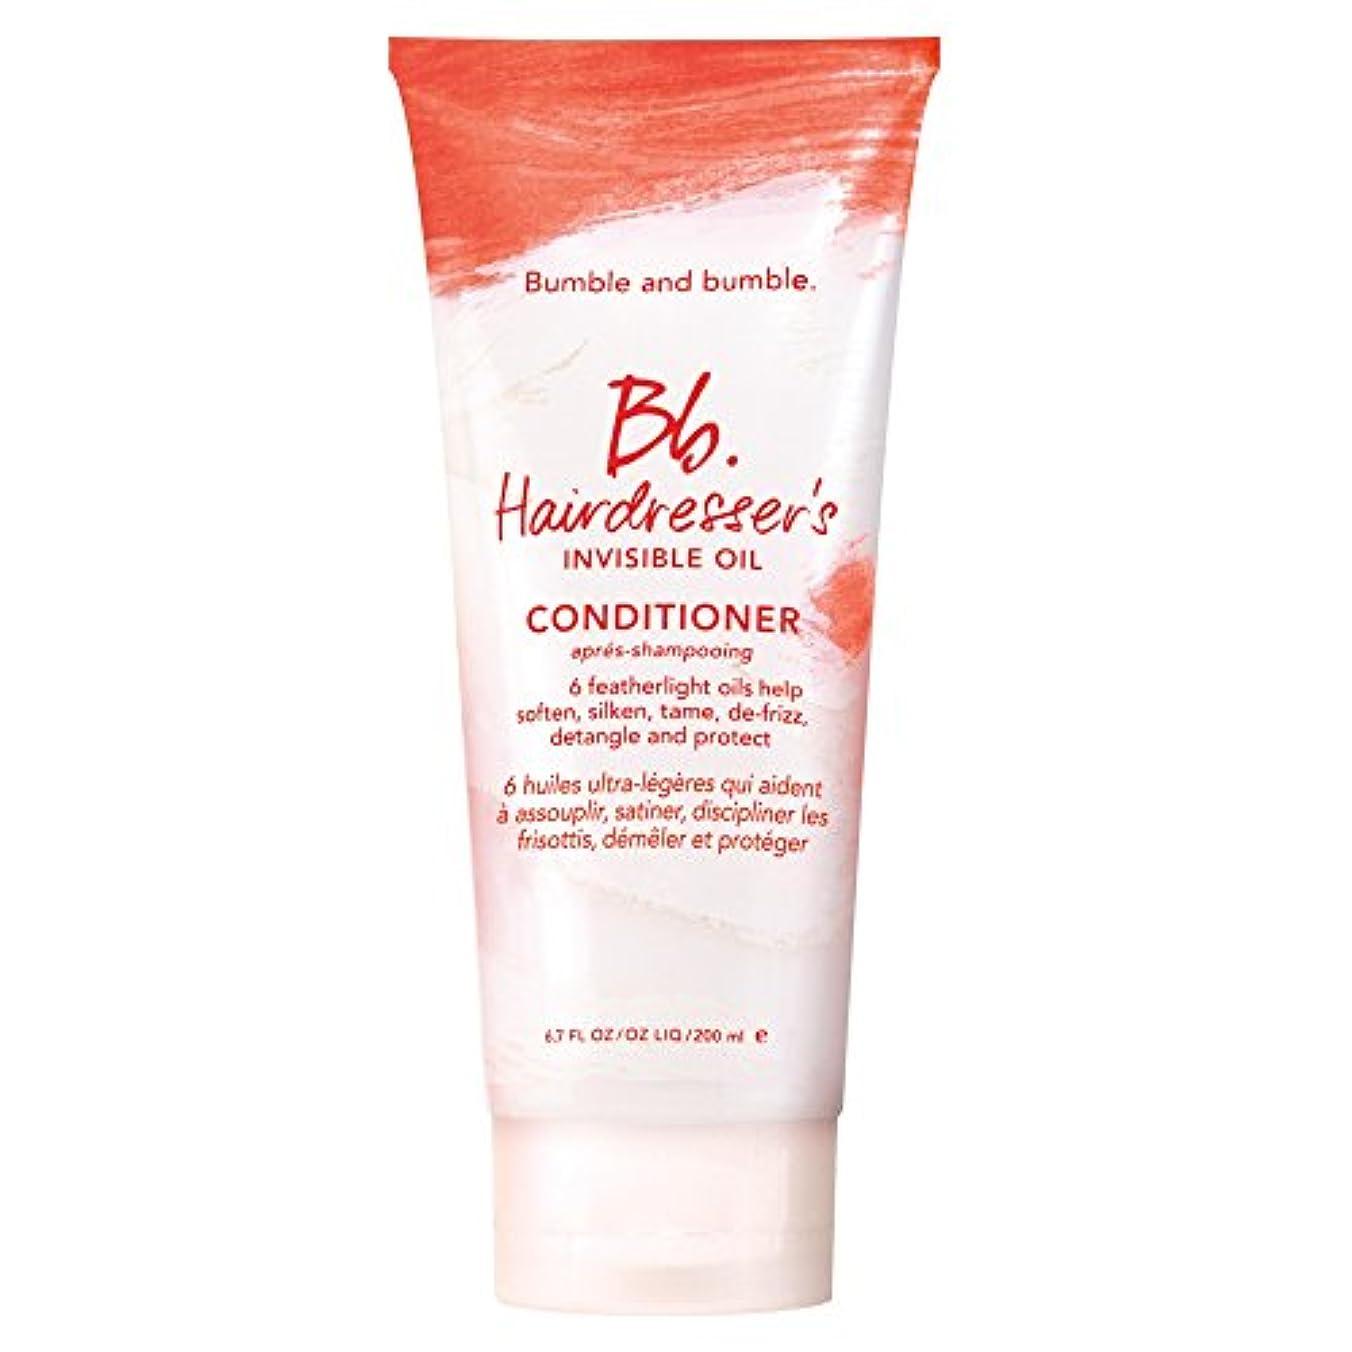 教会小道具製品バンブルアンドバンブル美容見えないオイルコンディショナー200ミリリットル (Bumble and bumble) (x2) - Bumble and bumble Hairdressers invisible oil...